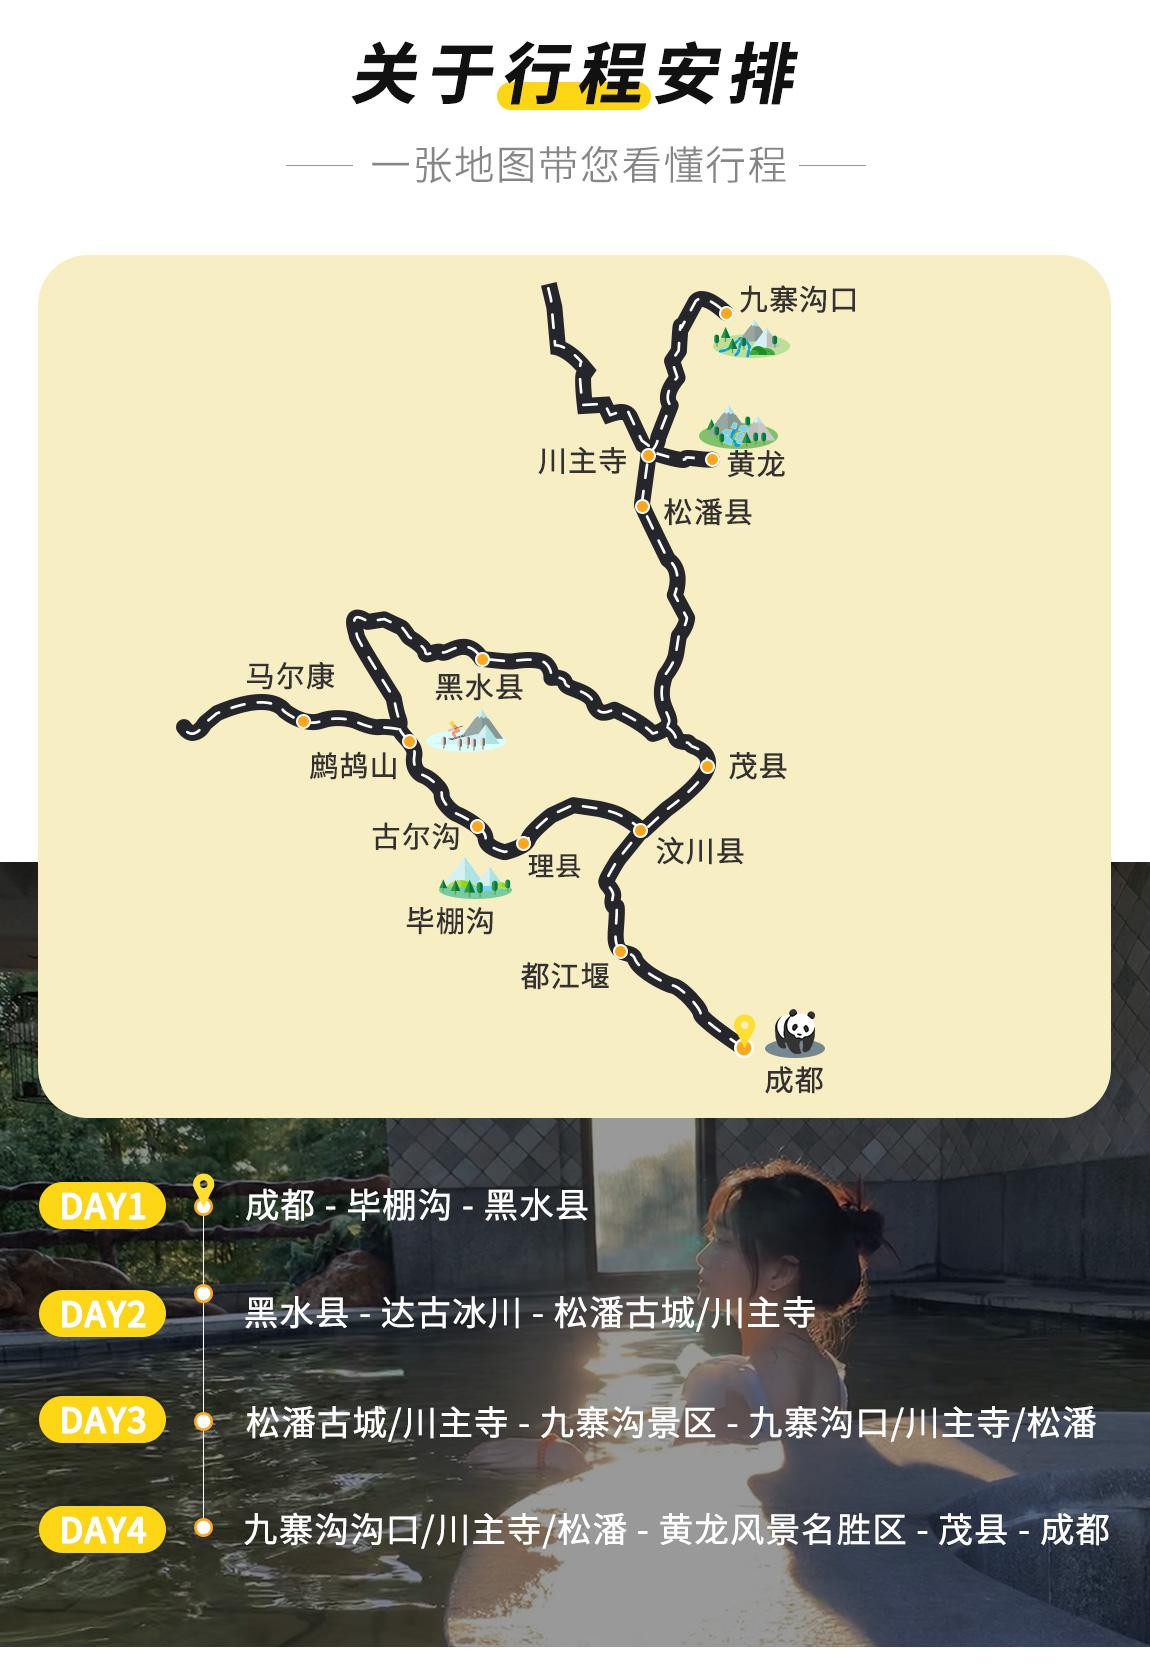 九寨沟+鹧鸪山拼车4天 (11)